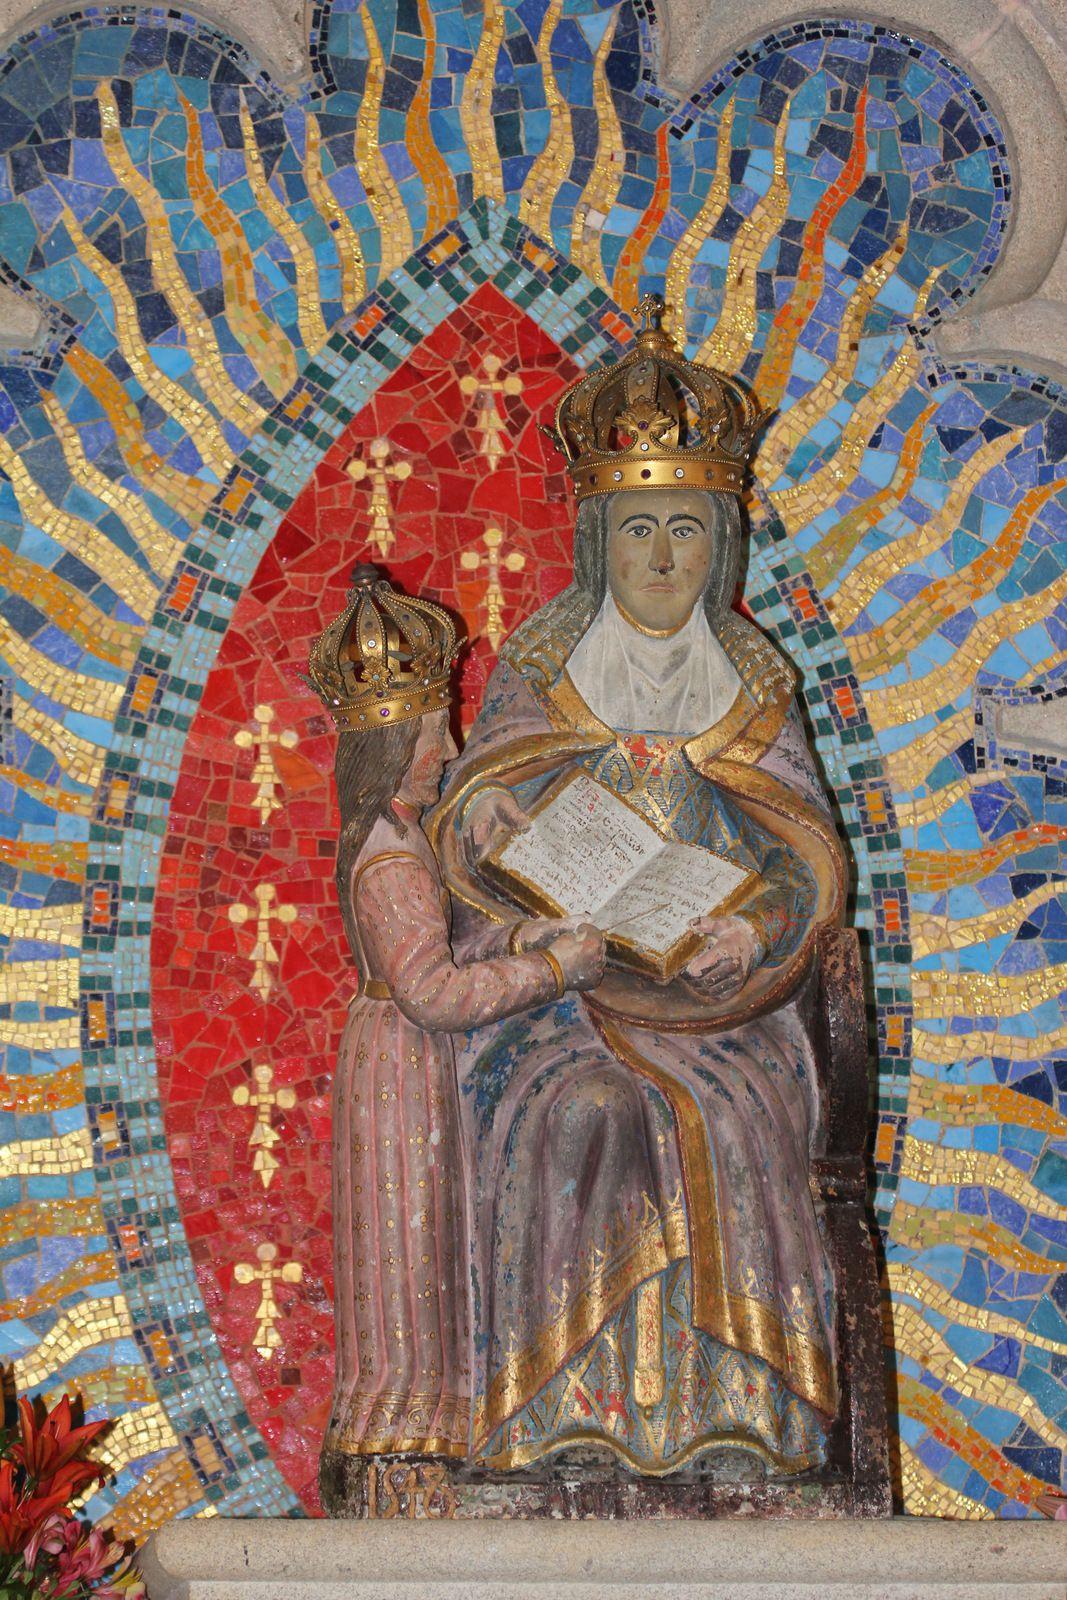 Statue de sainte Anne éducatrice, (pierre polychrome, 1548), chapelle Sainte-Anne-la-Palud. Photographie lavieb-aile juin 2020.